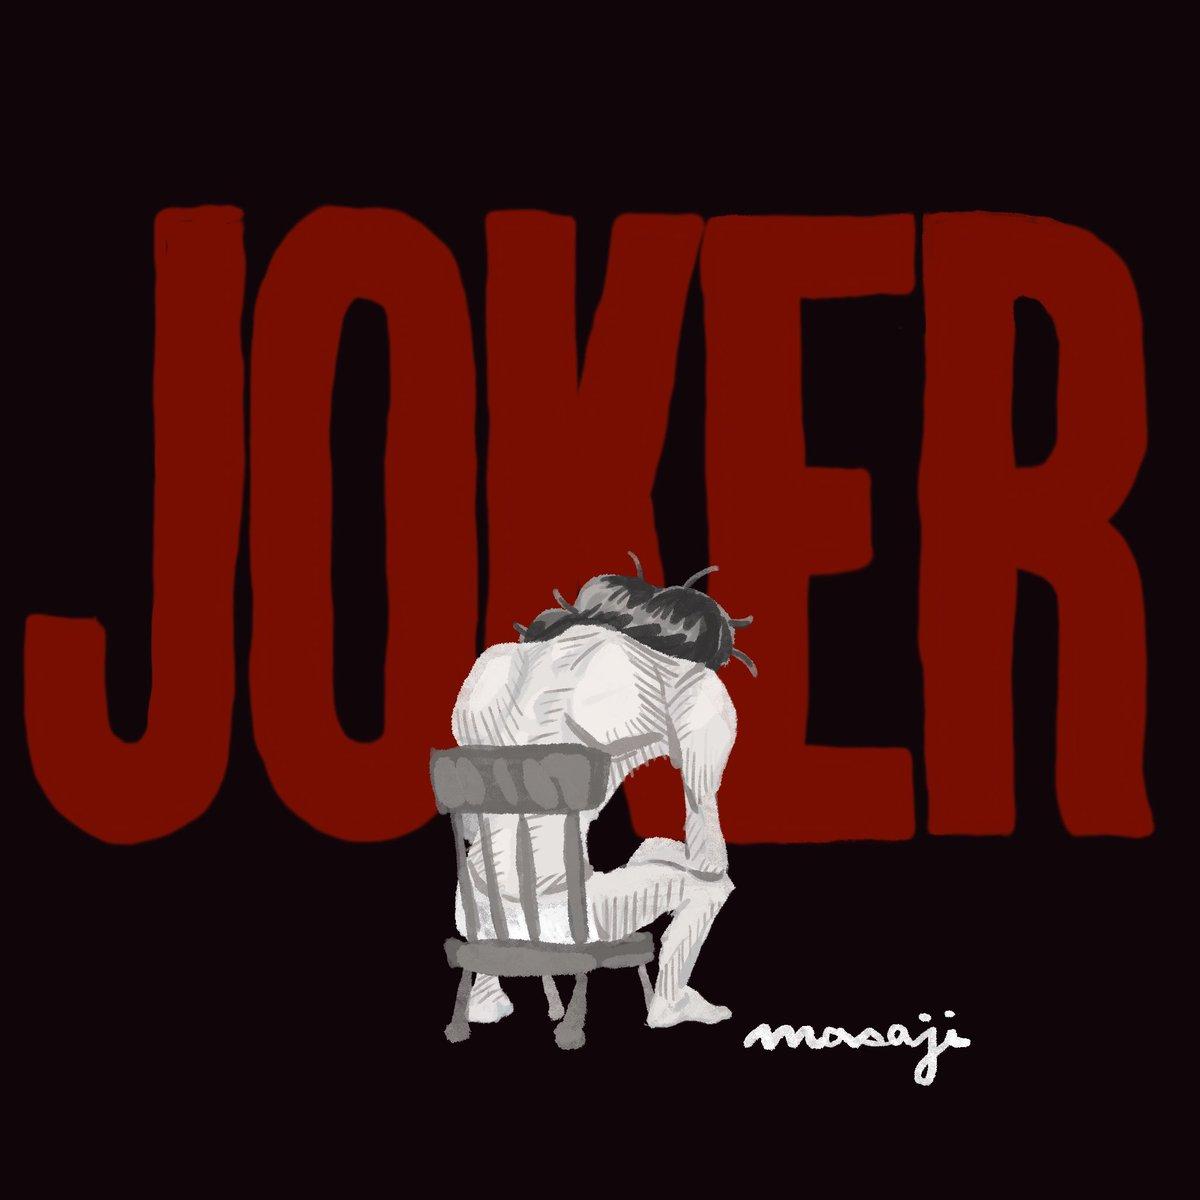 test ツイッターメディア - 映画「ジョーカー」  ホアキン・フェニックスさんの身体から発する尋常じゃない雰囲気に終始呑まれてしまった…。  日本語吹替の平田広明さん、熱演すごい!  #ジョーカー #ホアキンフェニックス #DCコミック #joker #jokermovie #joaquinphoenix #dc #dccomics 🌟 #日本語吹替版 #映画 #wowow https://t.co/SNHAGNx8JE